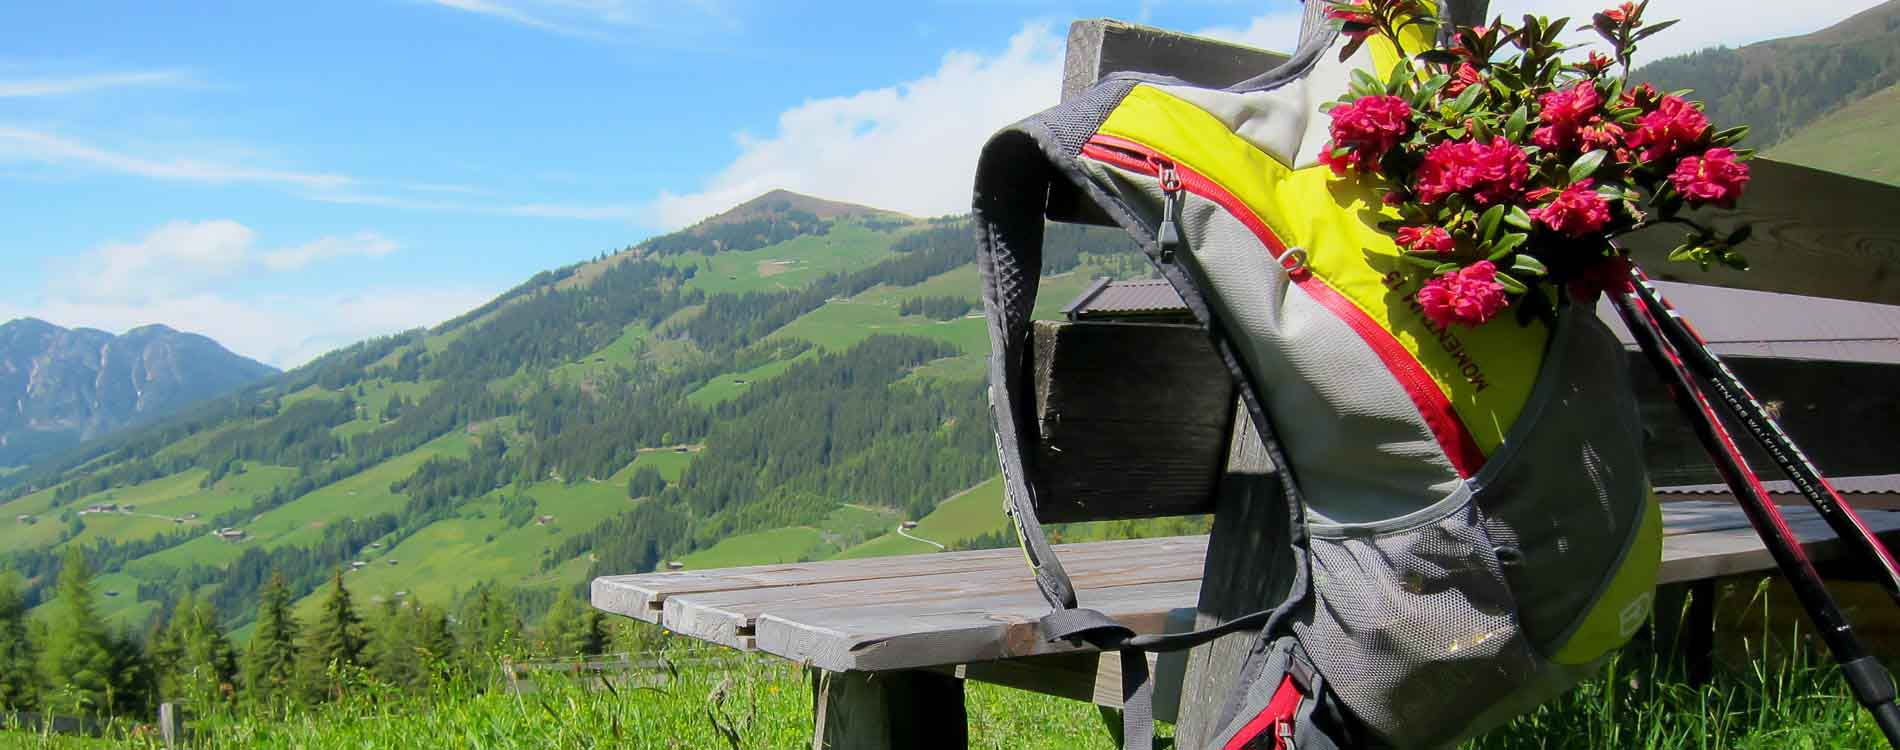 niche destinations Pirchner Hof Reith Tyrol Hildegard von Bingen spring hiking holiday